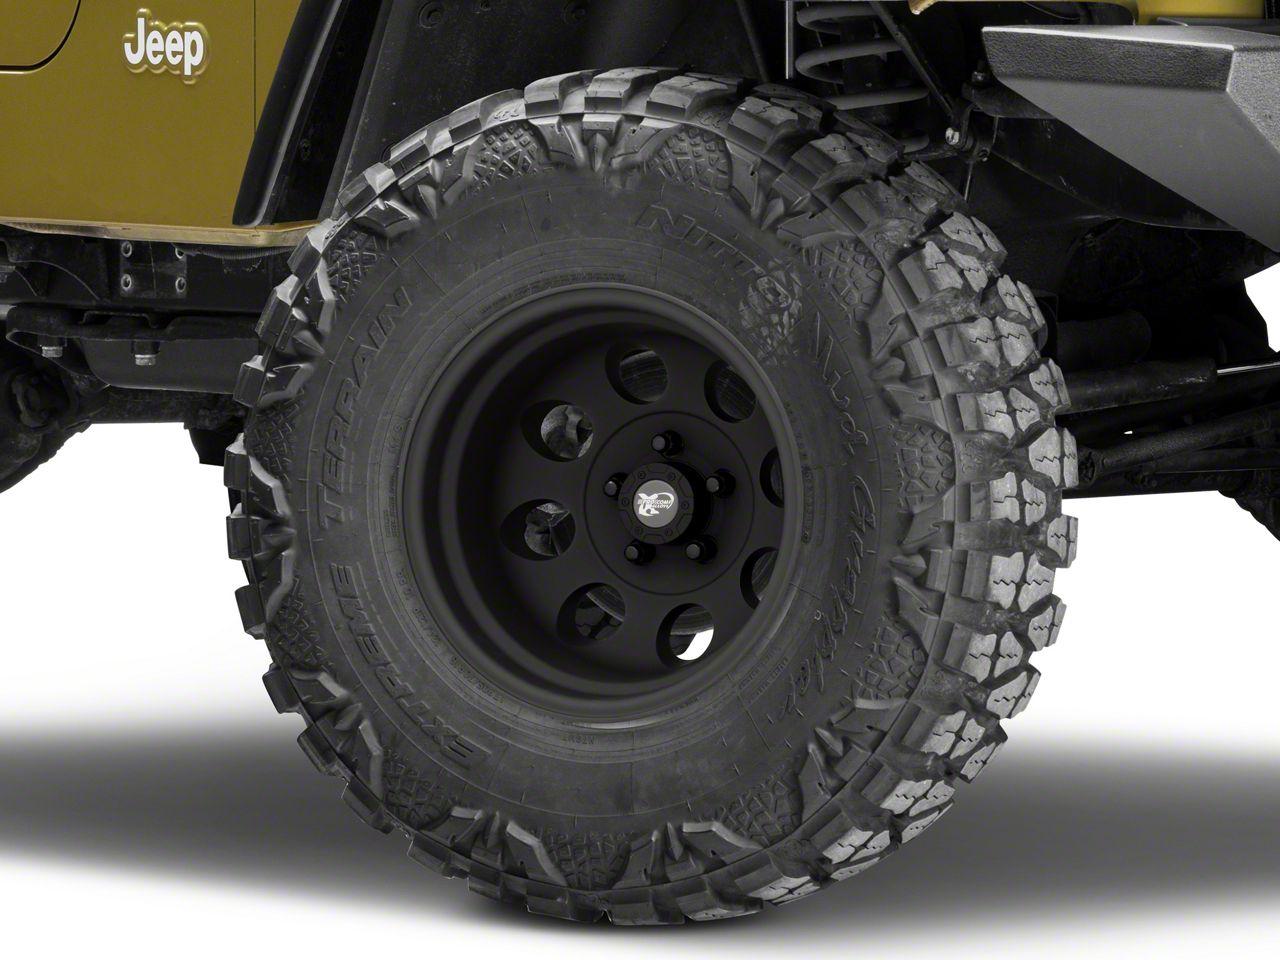 Pro Comp Series 7069 Matte Black Wheel - 15x10 (87-06 Jeep Wrangler YJ & TJ)